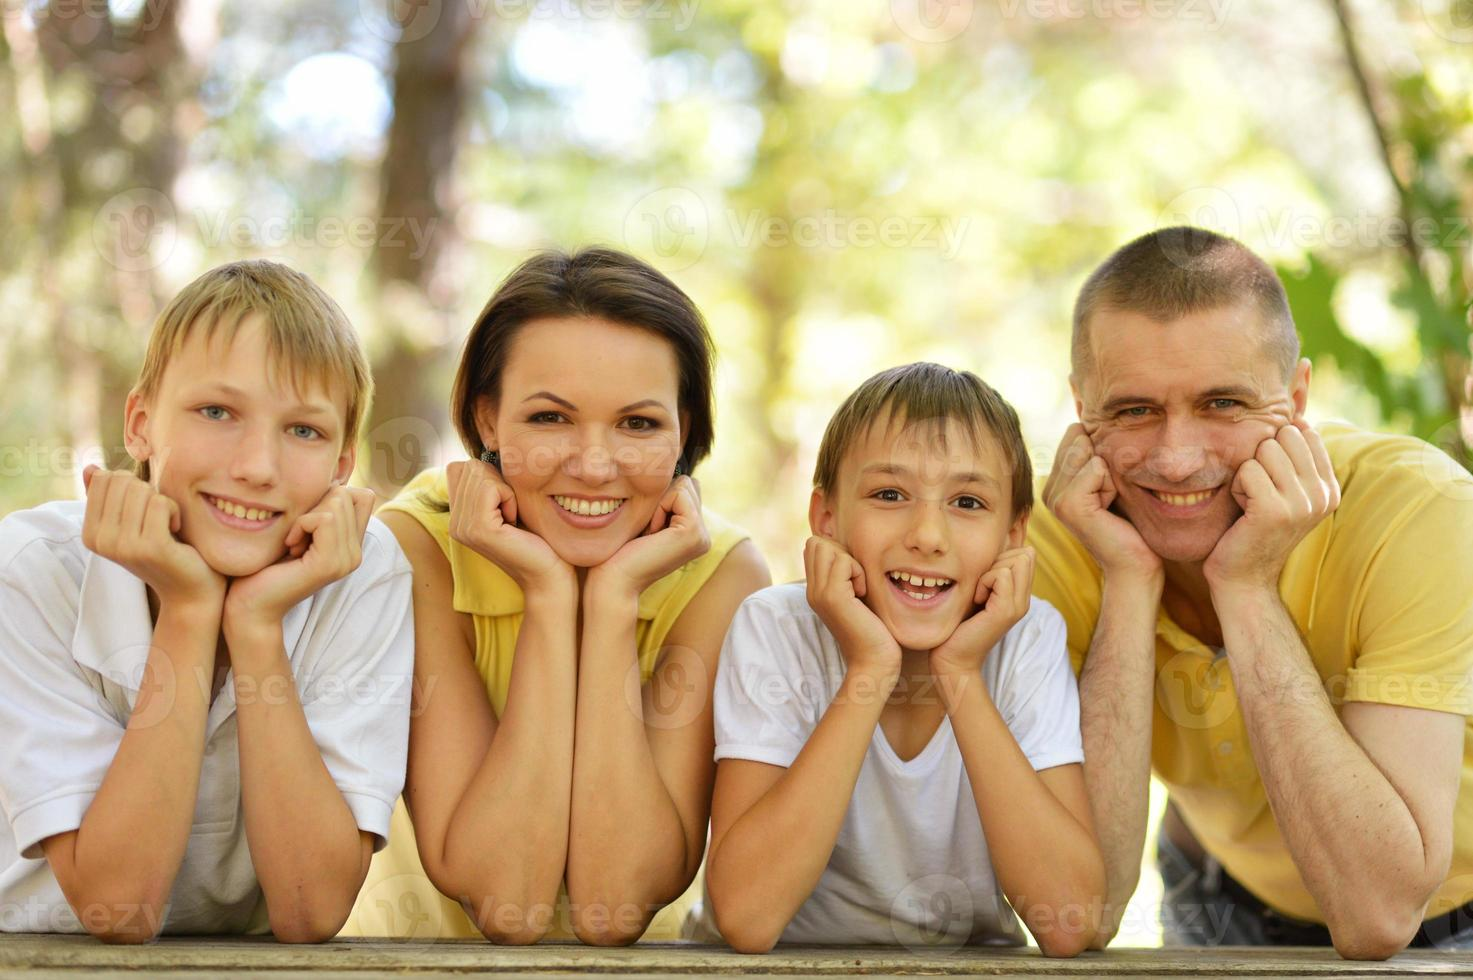 Happy Family faces photo